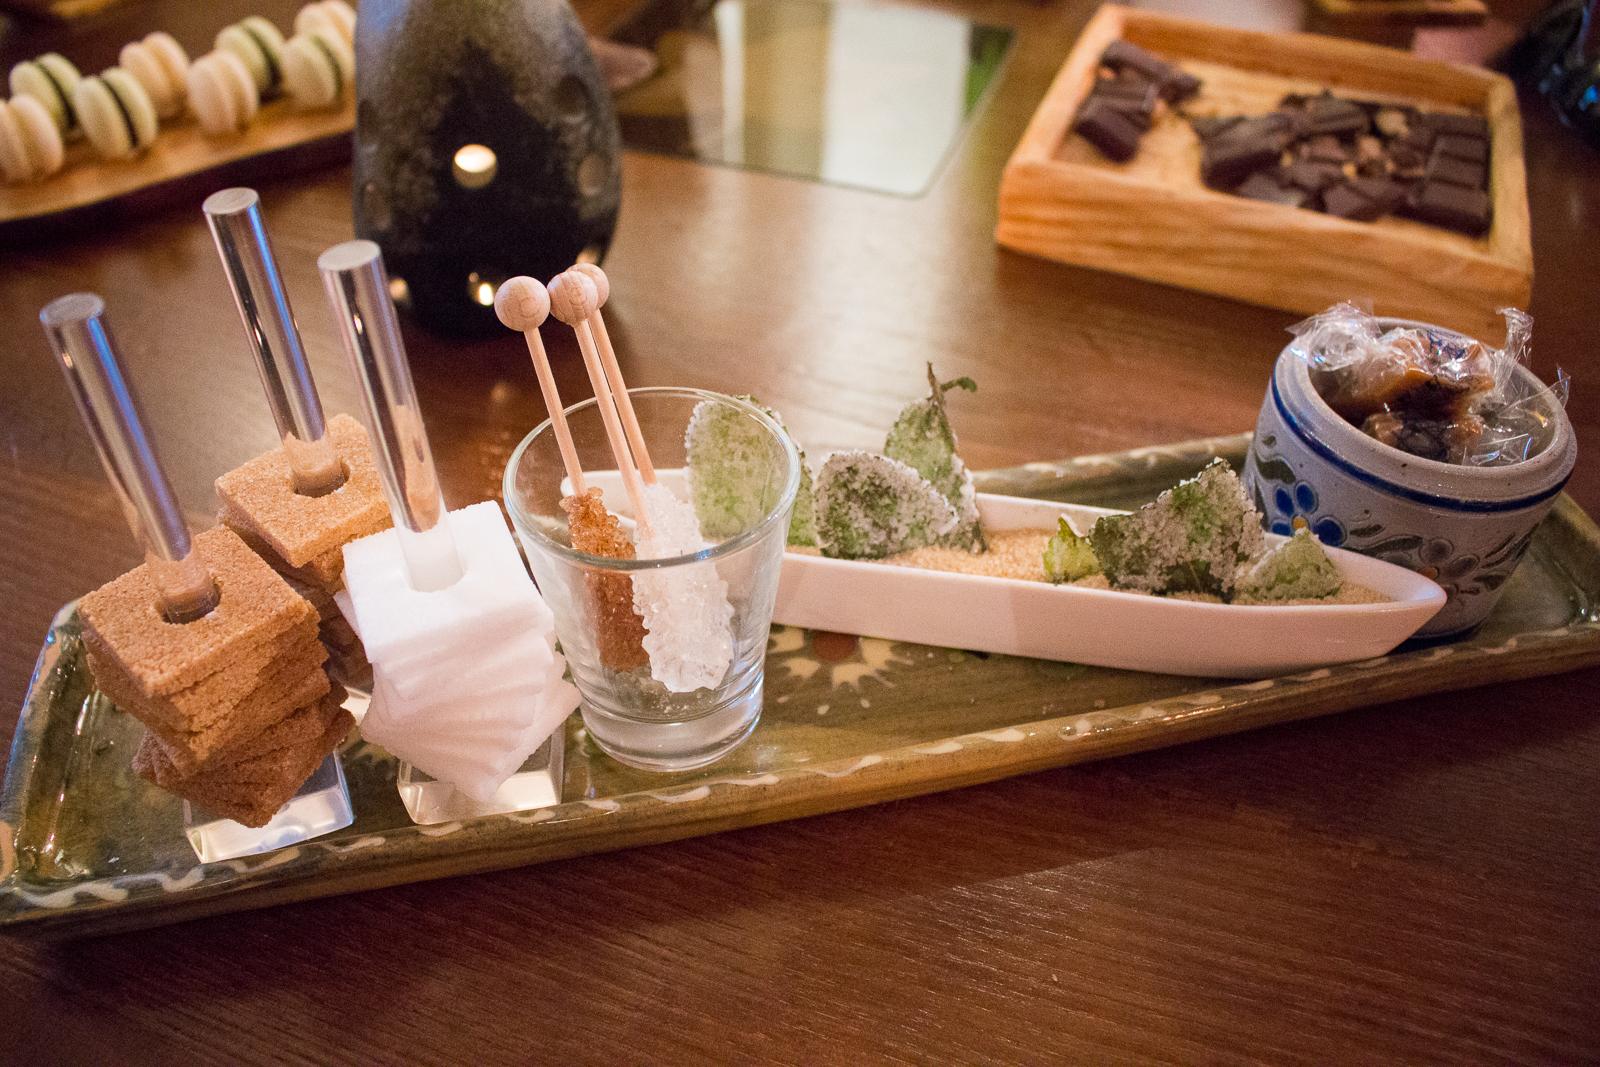 Allein die Zuckersorten, die uns zum Kaffee gereicht wurden, faszinierten mich. Es gab sogar Zucker an Minzblättchen!